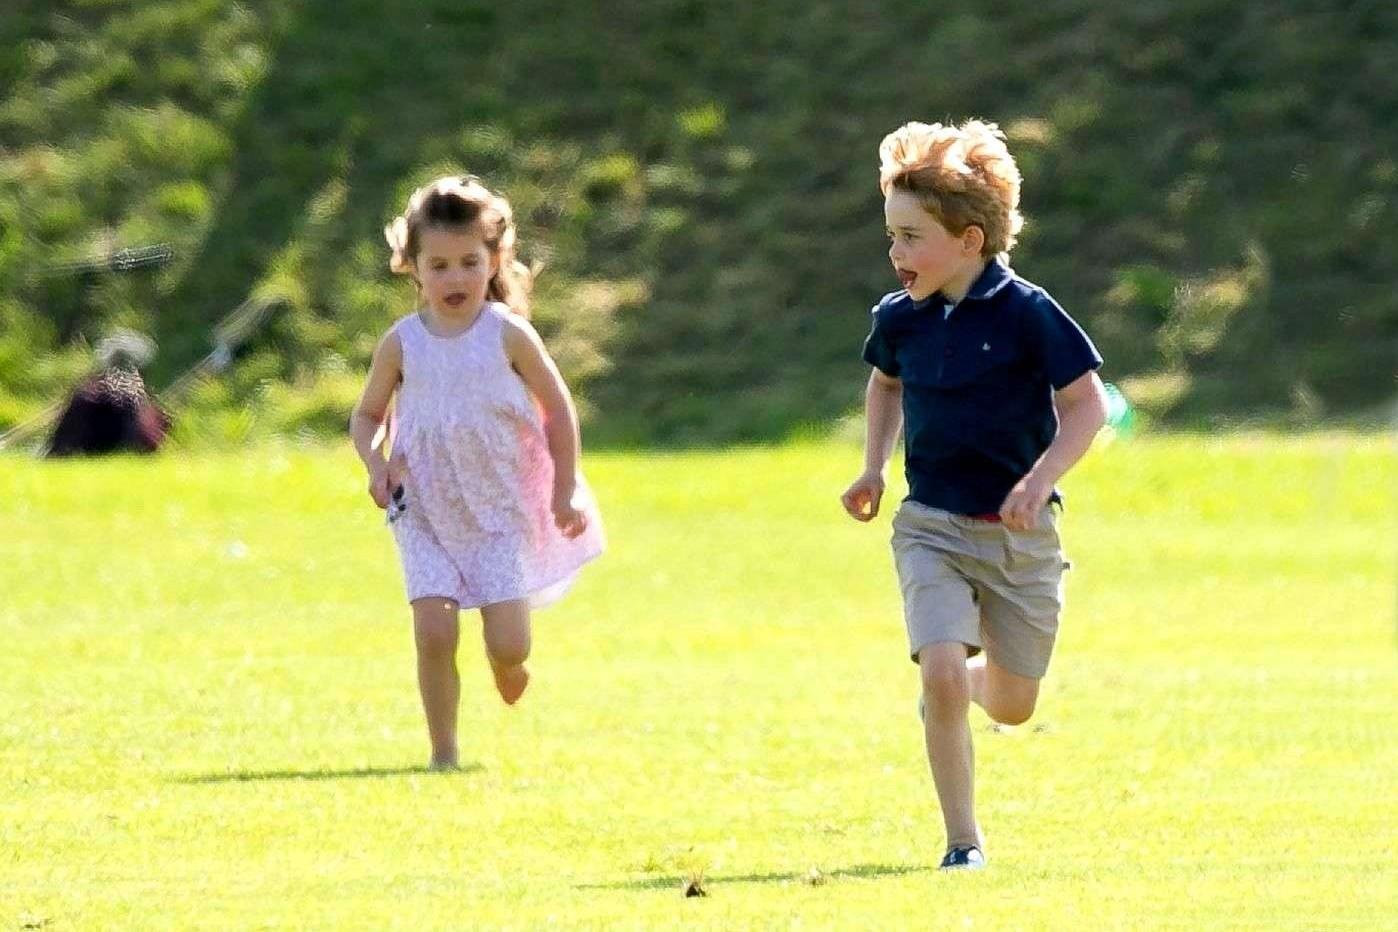 La princesse Charlotte et le prince George débordent d'énergie sur la pelouse